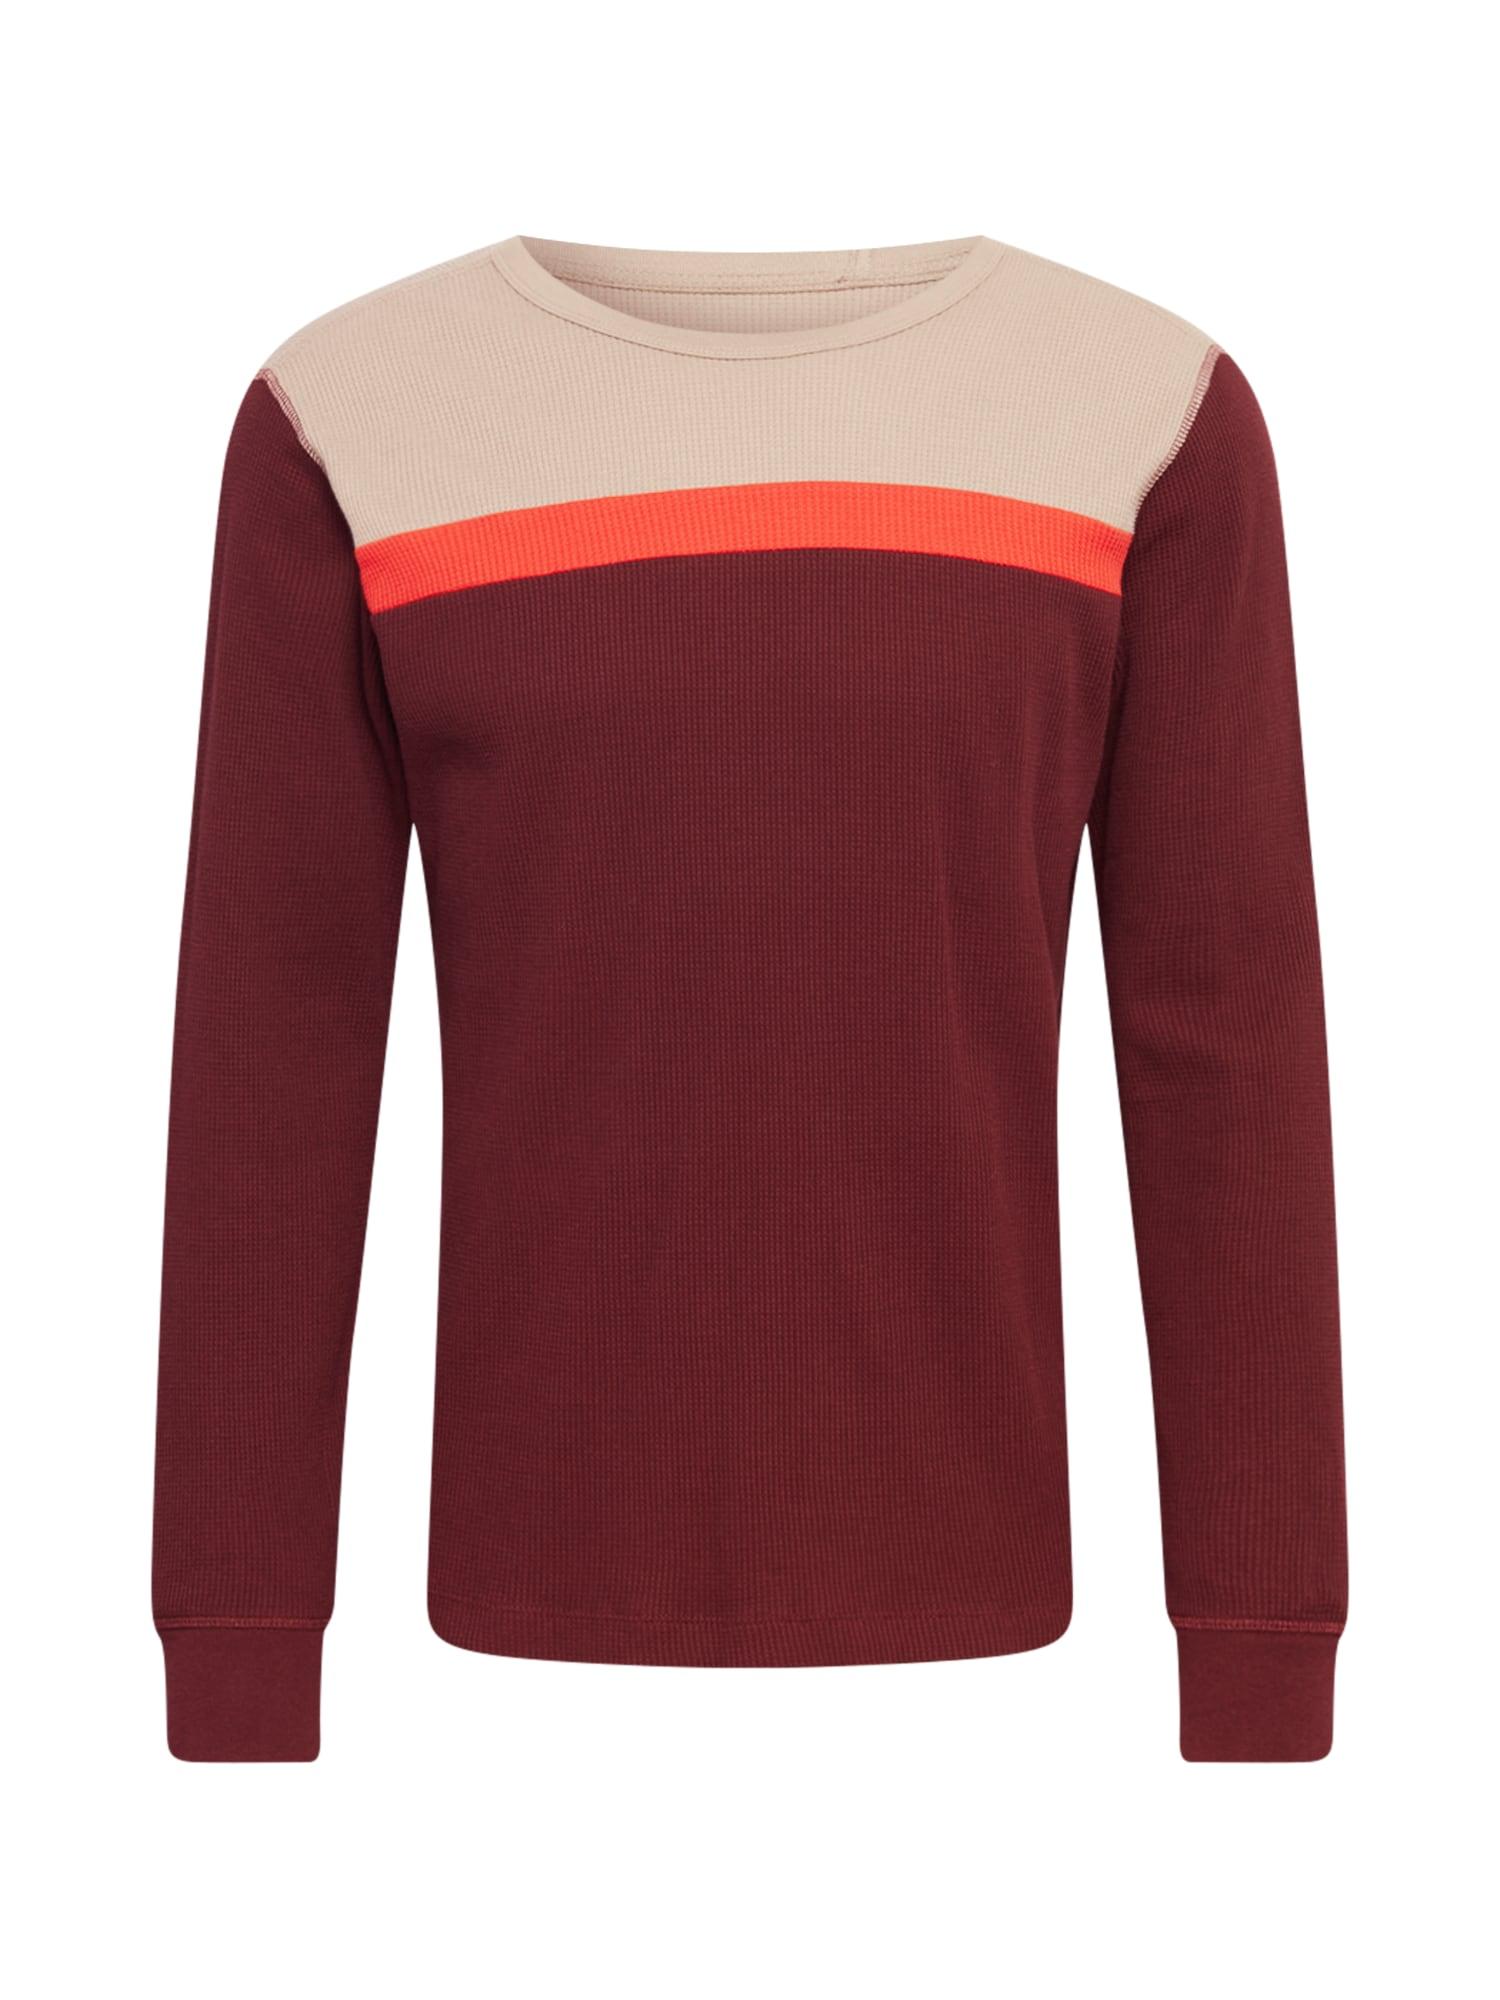 GAP Marškinėliai vyno raudona spalva / oranžinė / smėlio